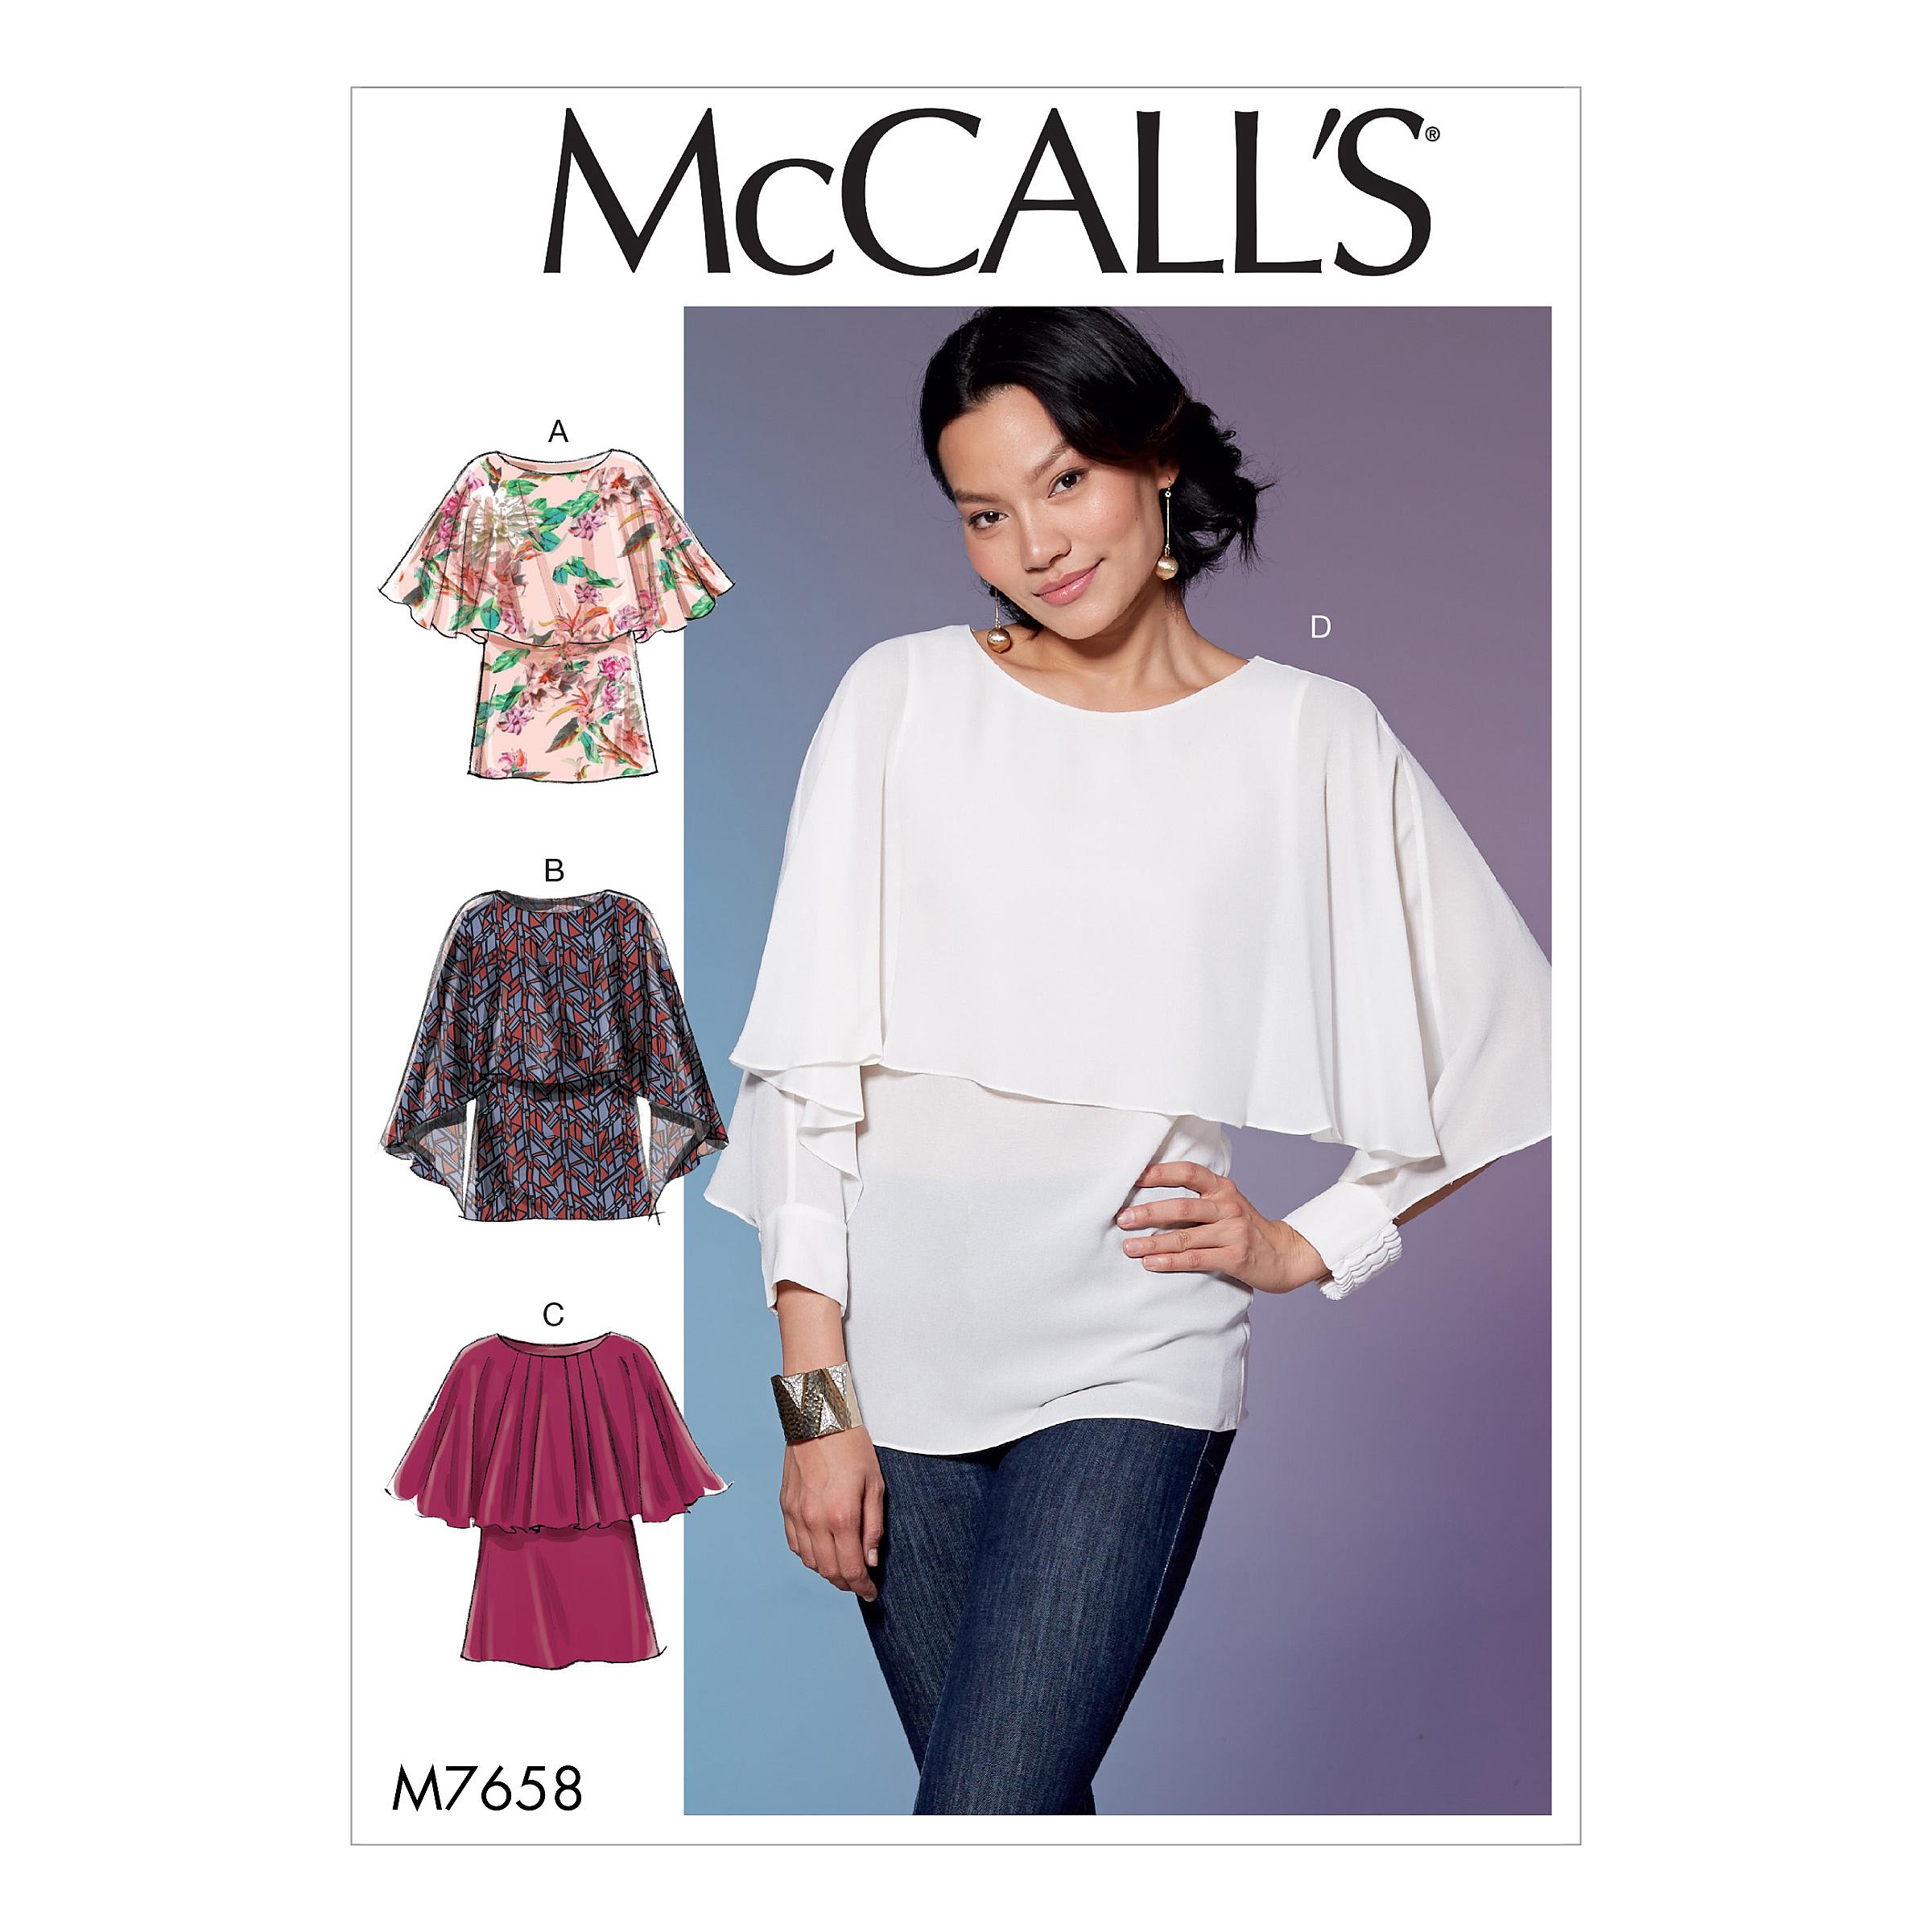 """Résultat de recherche d'images pour """"mccalls 7658"""""""